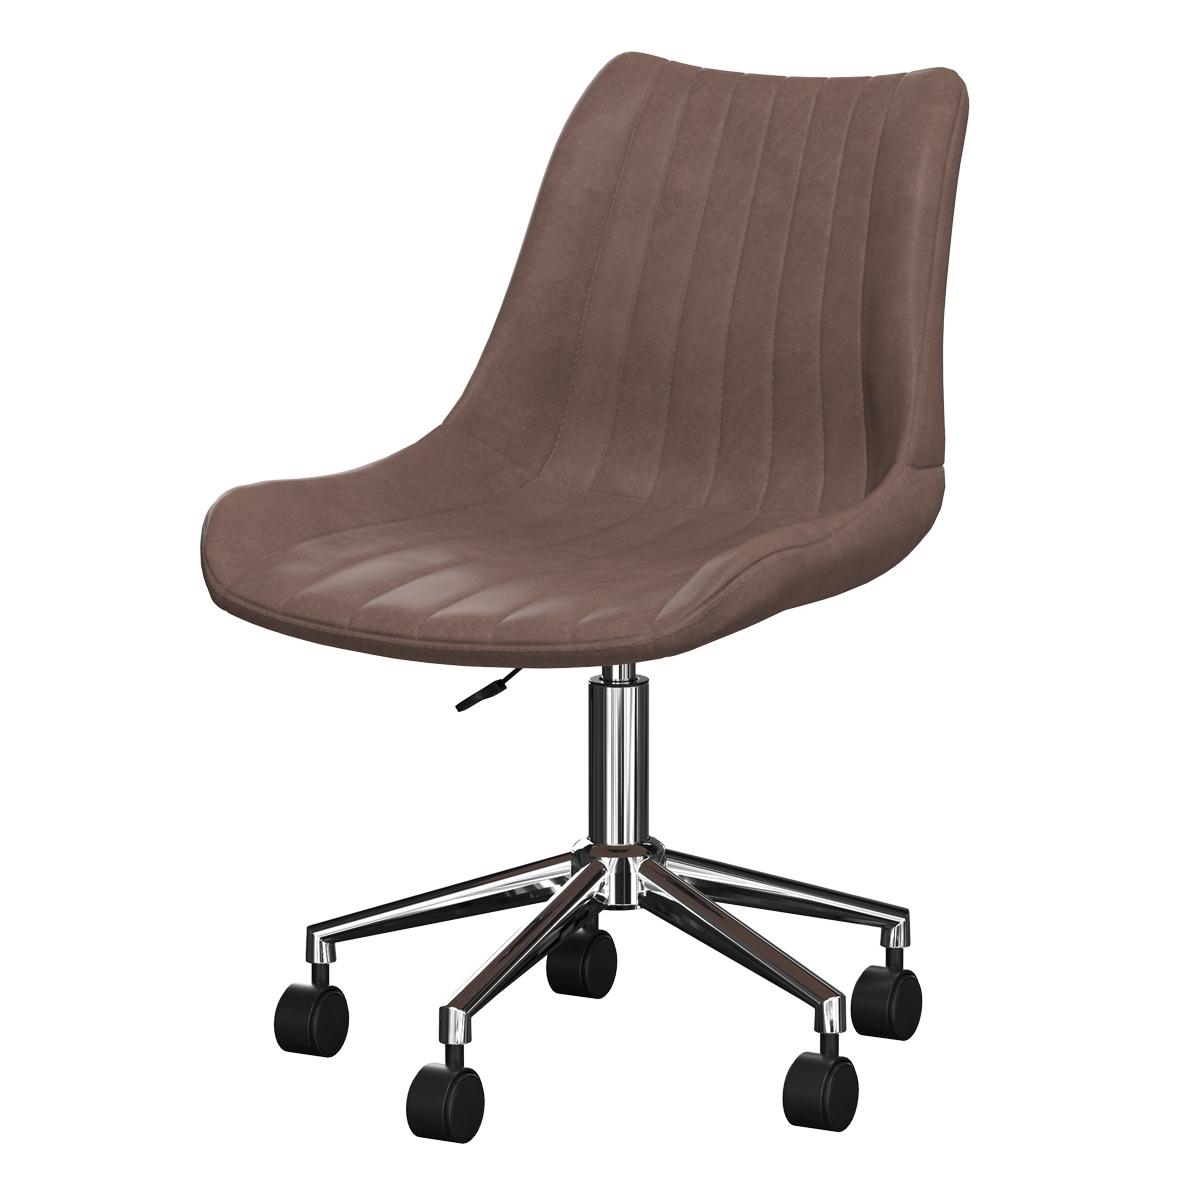 Chaise de bureau en cuir synthétique taupe sur roulette